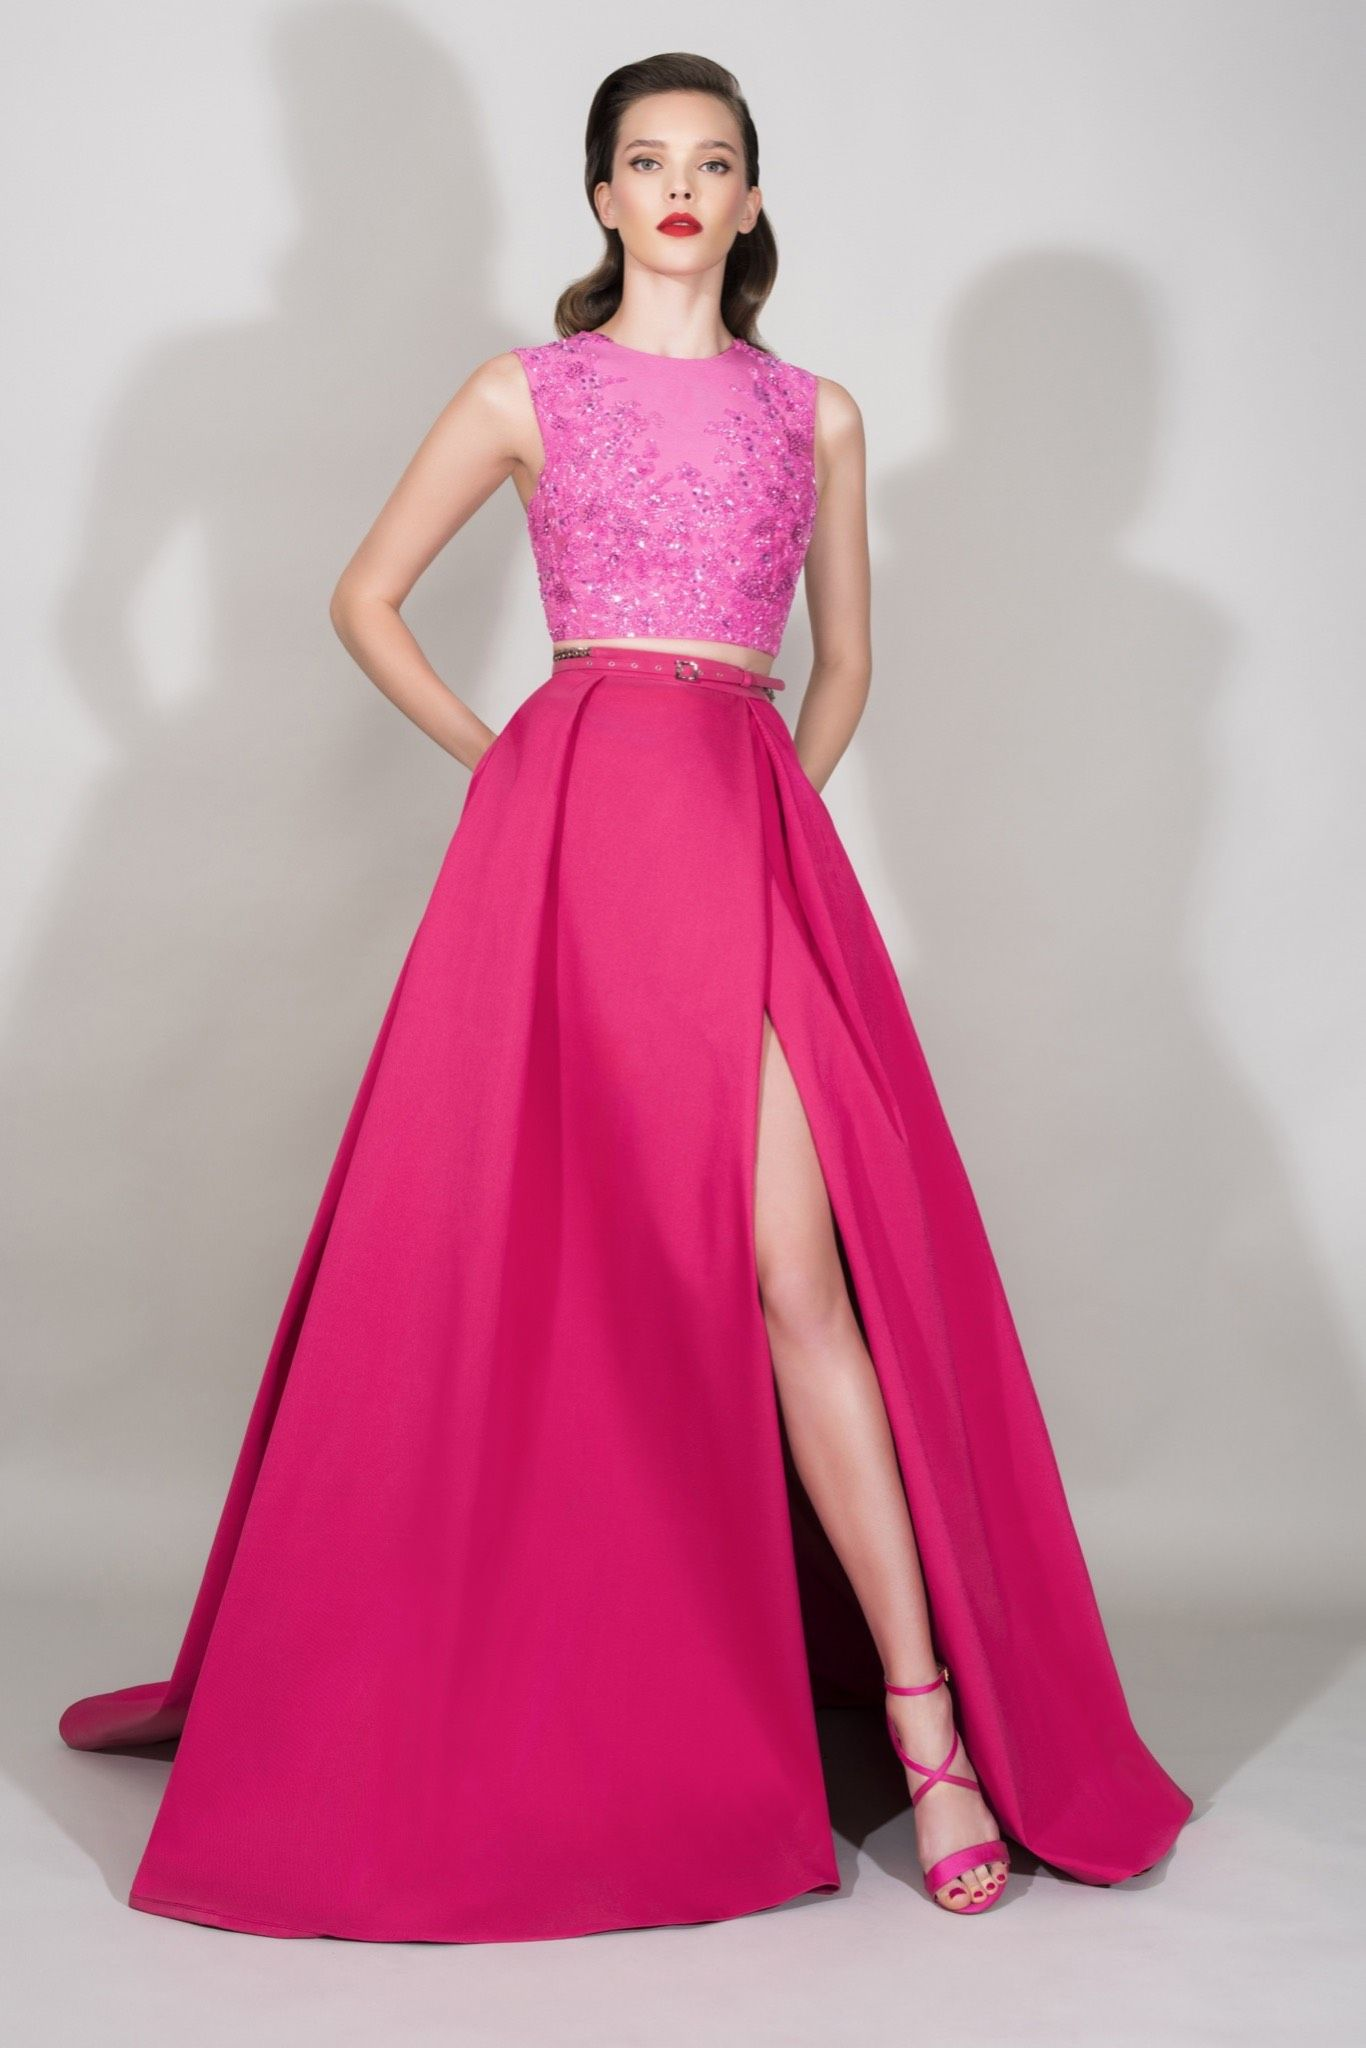 zuhair-murad-042-1366.jpg (1366×2048) | vestido de festa | Pinterest ...